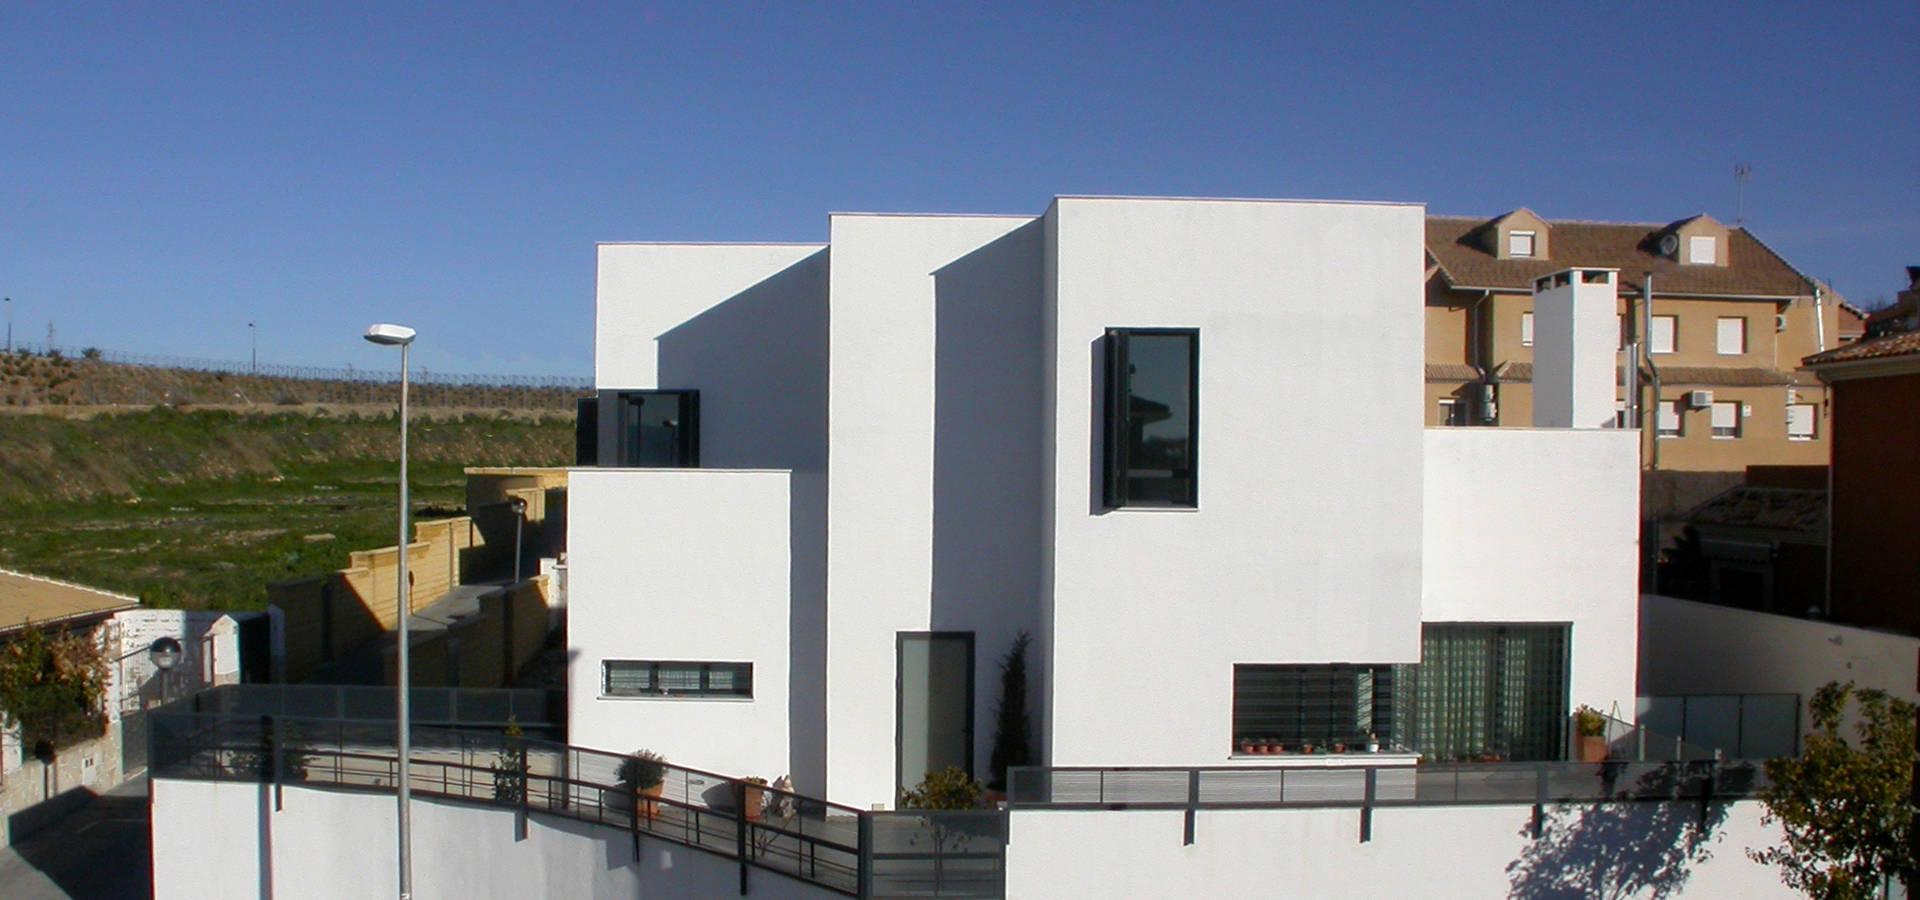 Forma2arquitectos arquitectos en ubeda jaen espa a - Arquitectos en ubeda ...